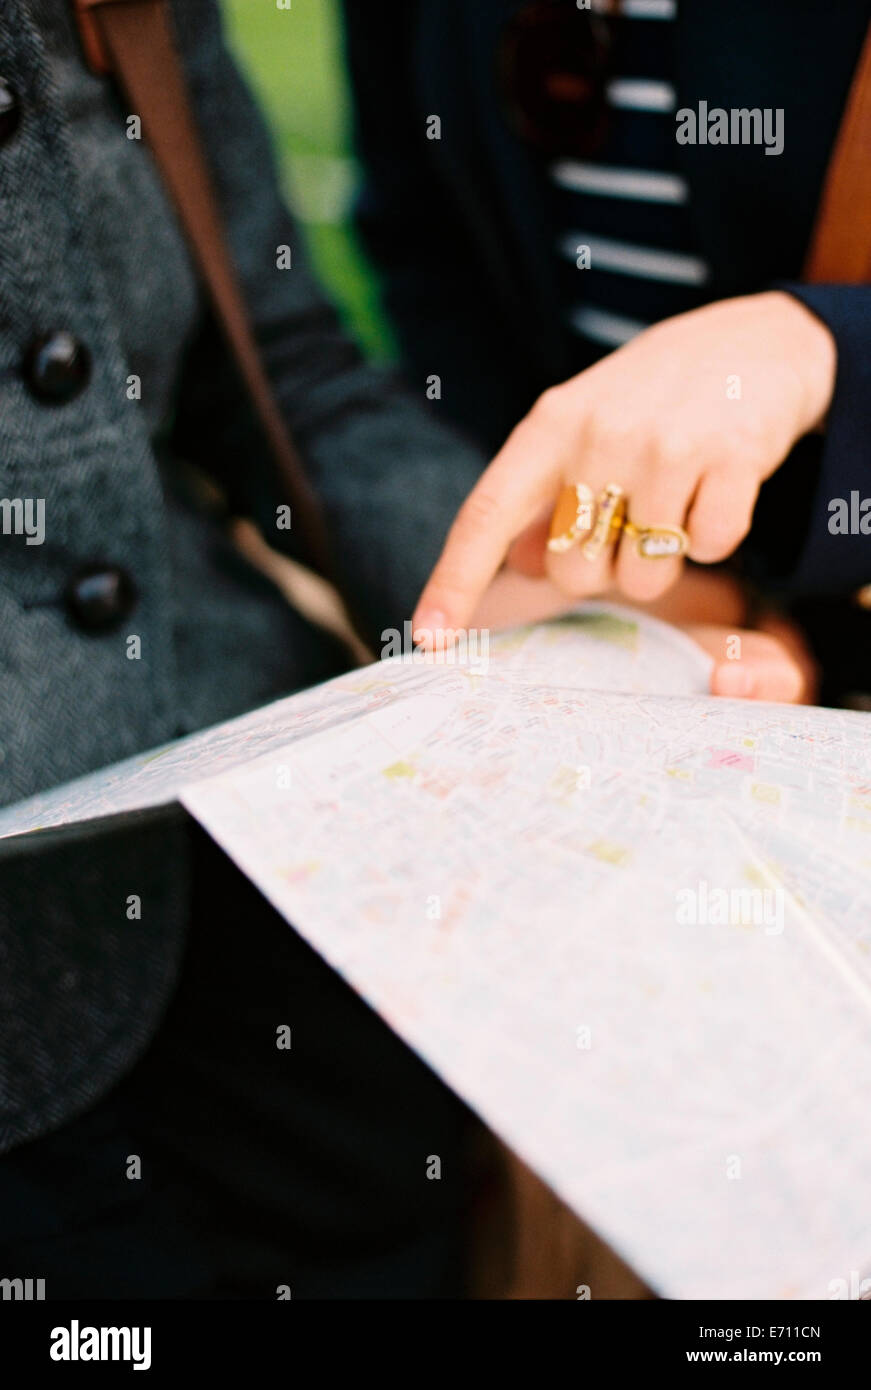 Zwei Personen mit einer Karte oder Reiseführer Buch, eine Stadt zurechtzufinden. Stockbild